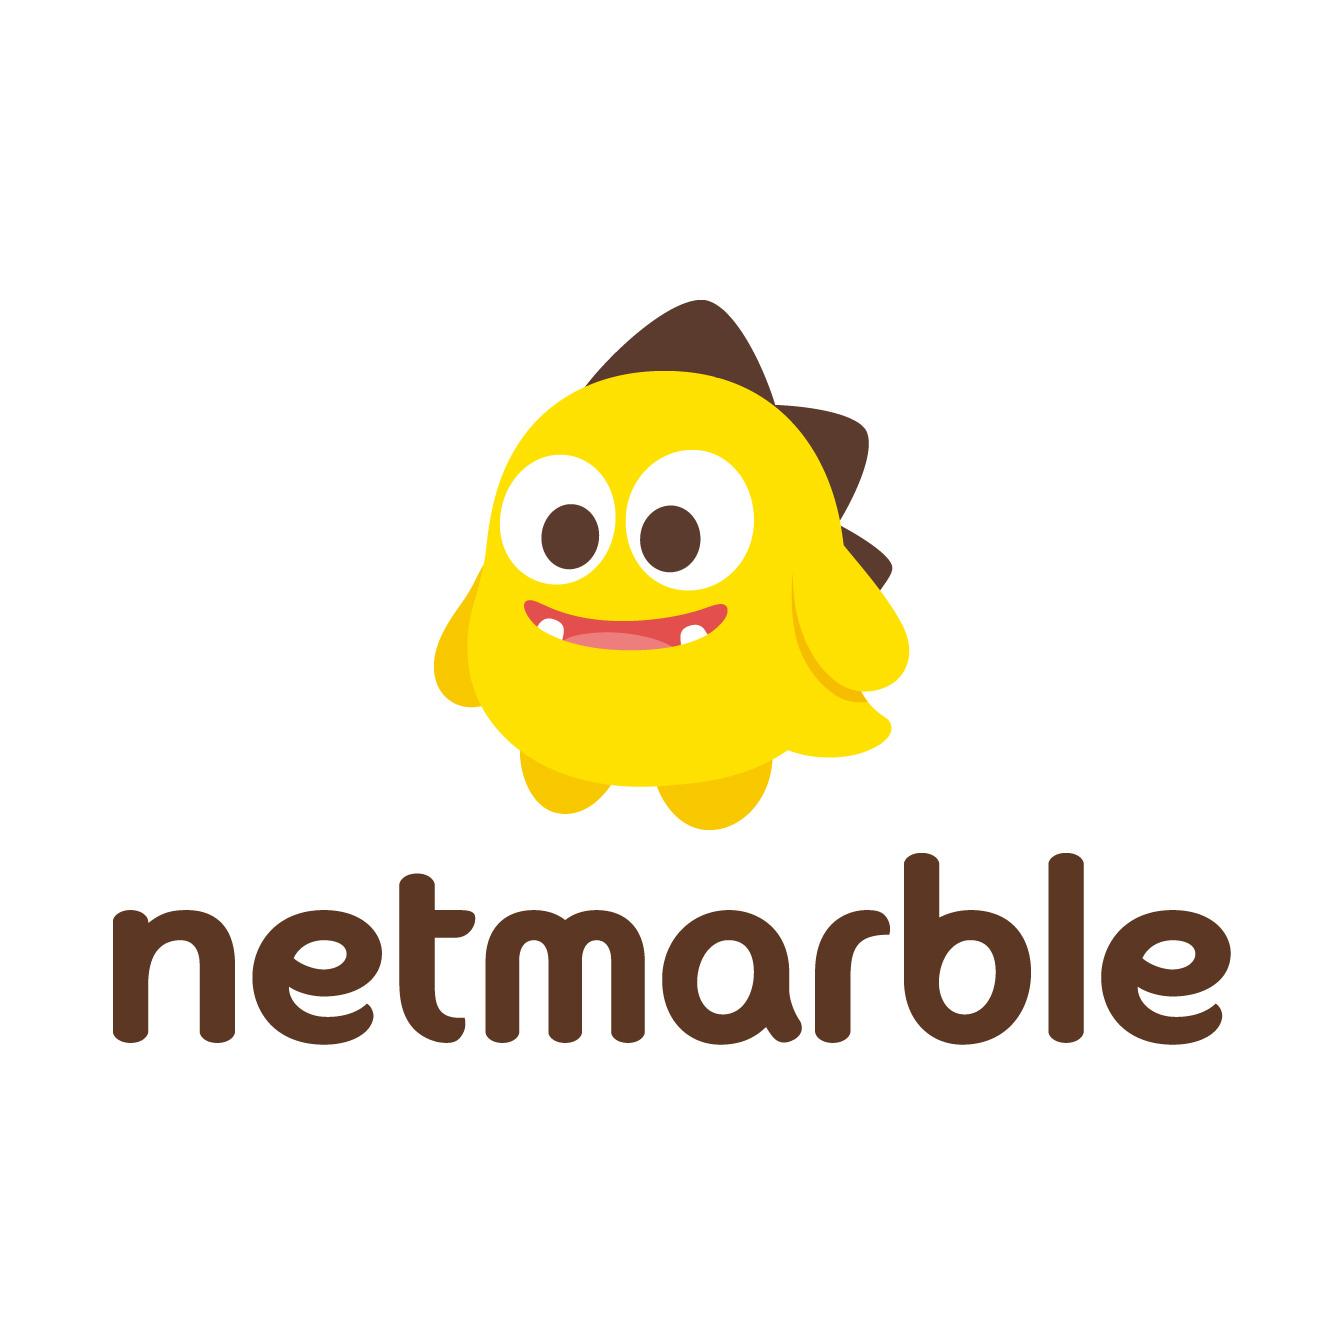 ネットマーブル、2019年12月期第1四半期業績を公開。1Q売上高は467億に